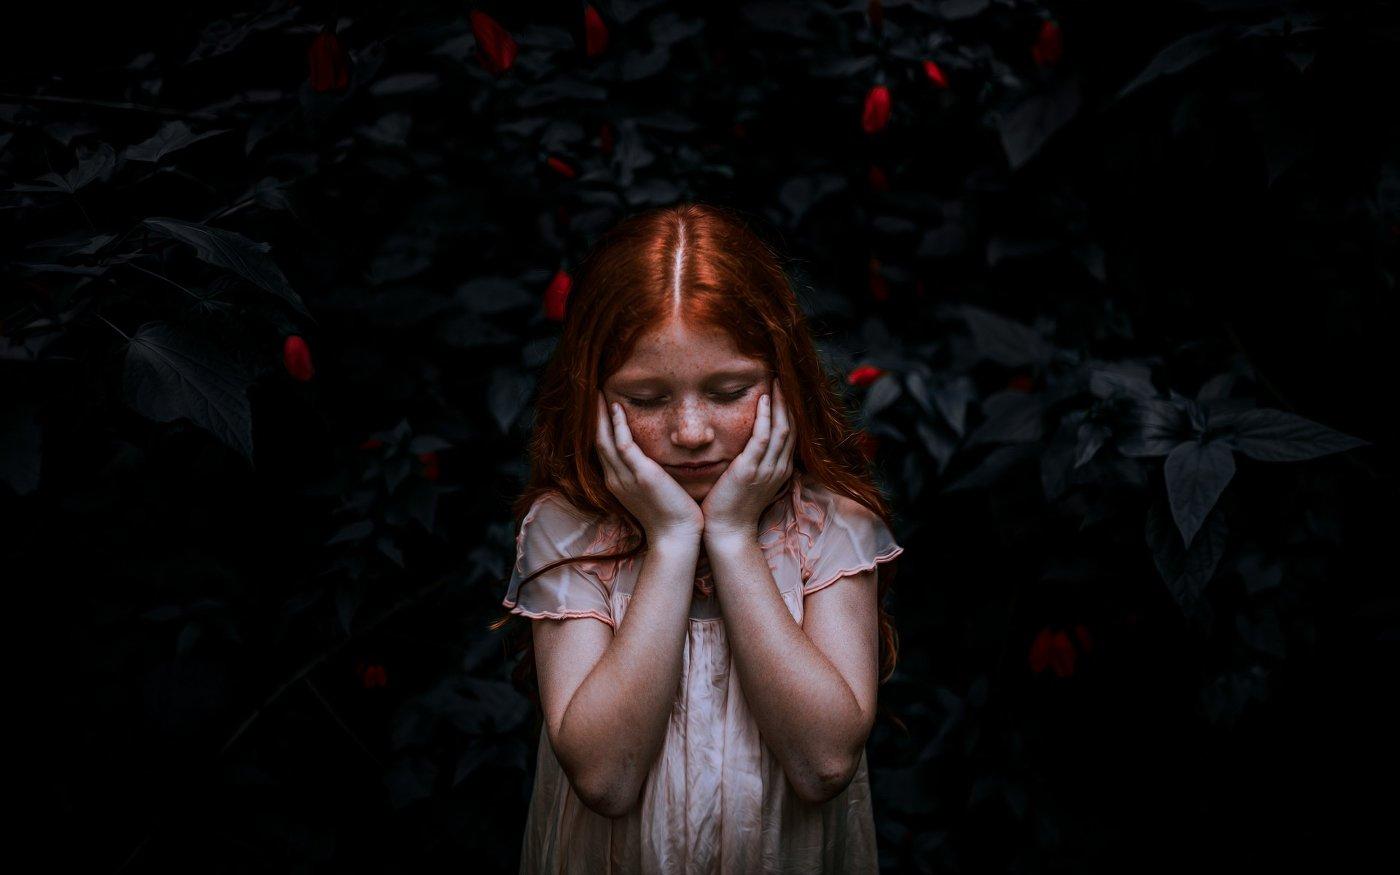 Kinder narzisstischer eltern folgen